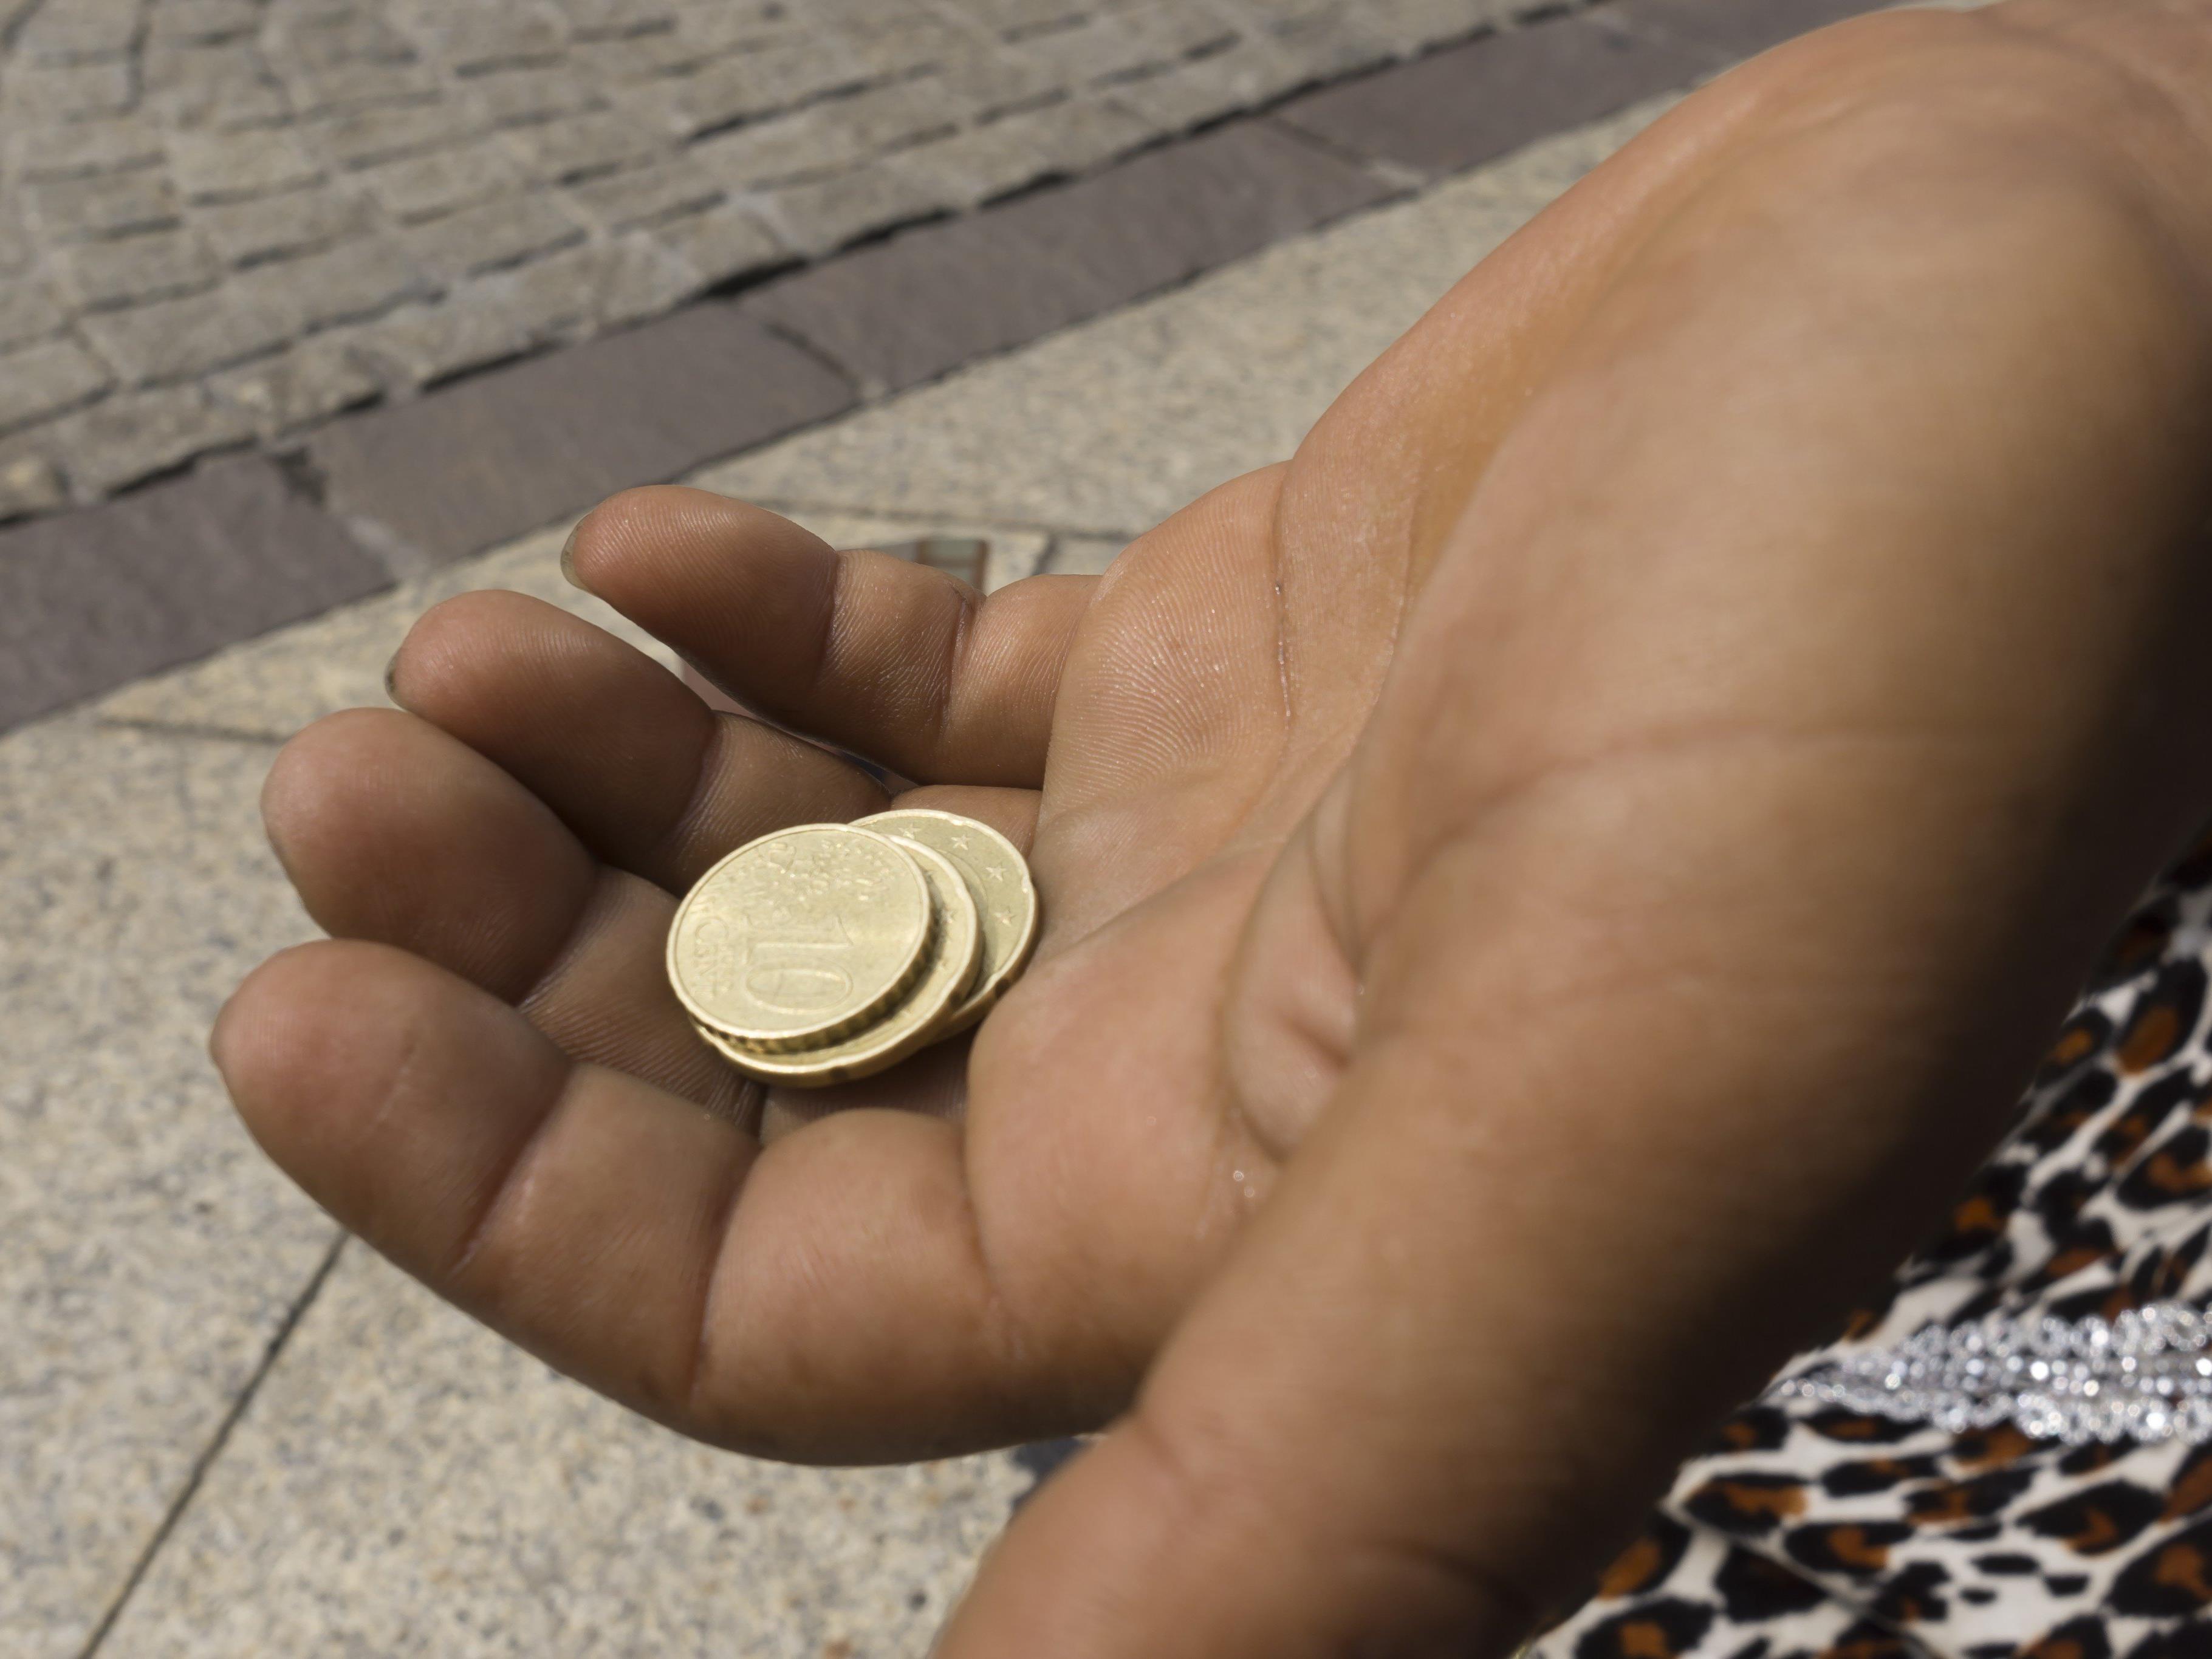 Sollte die Gesamtstrafe von 140 Euro nicht bezahlt werden, müsste eine Ersatzfreiheitsstrafe von insgesamt 132 Stunden verbüßt werden.